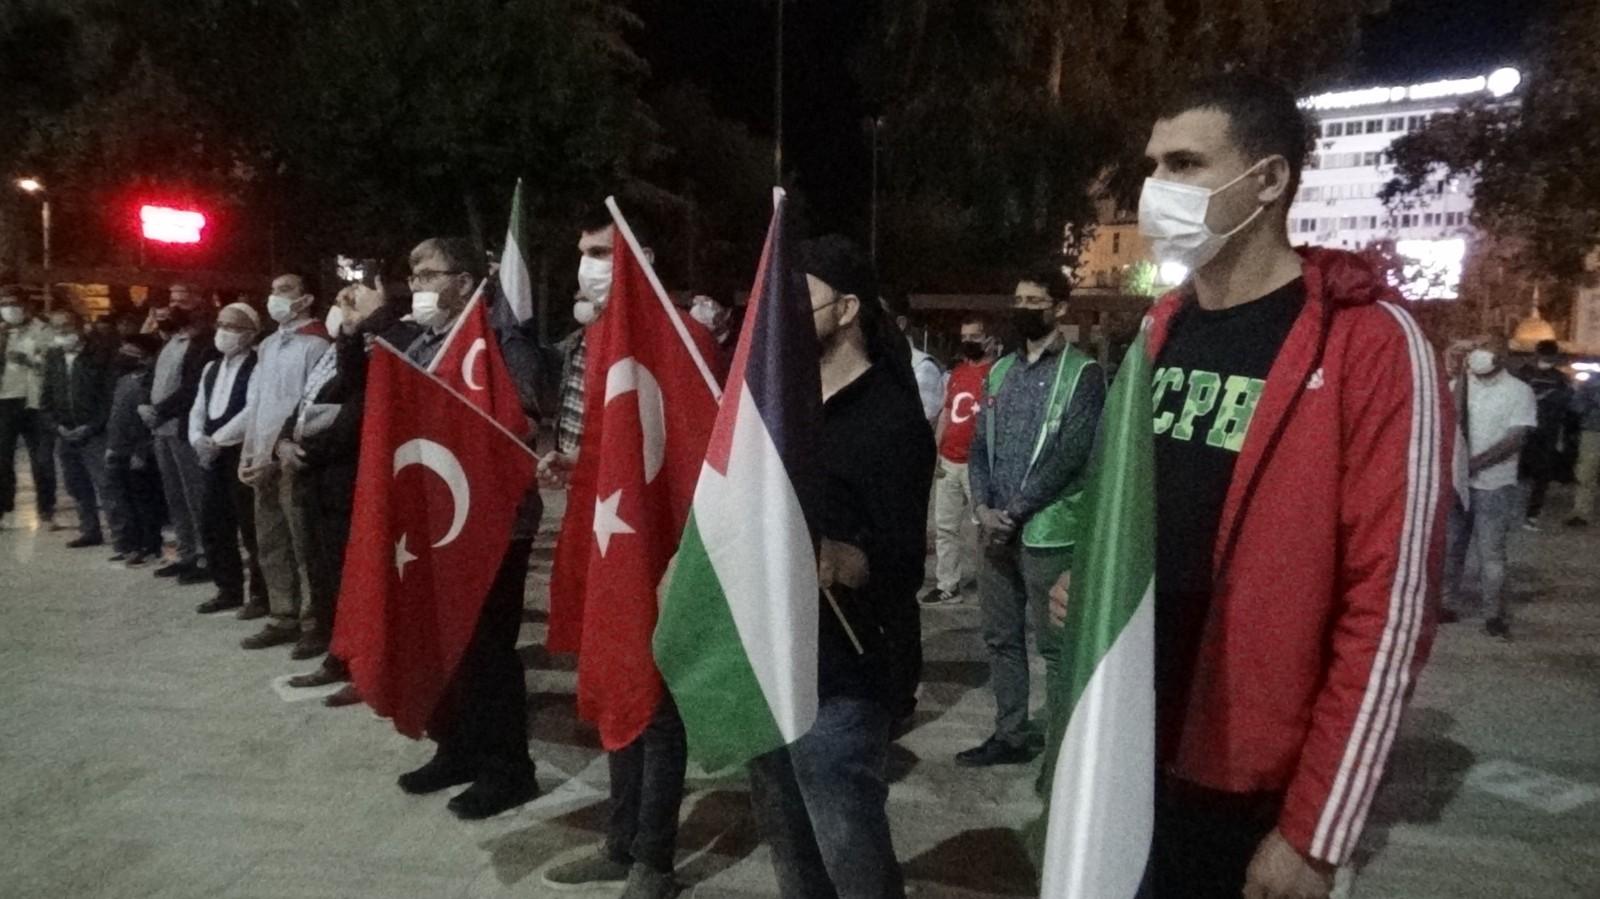 Denizli'de 100 kişilik grup Mescid-i Aksa saldırılarını kınadı